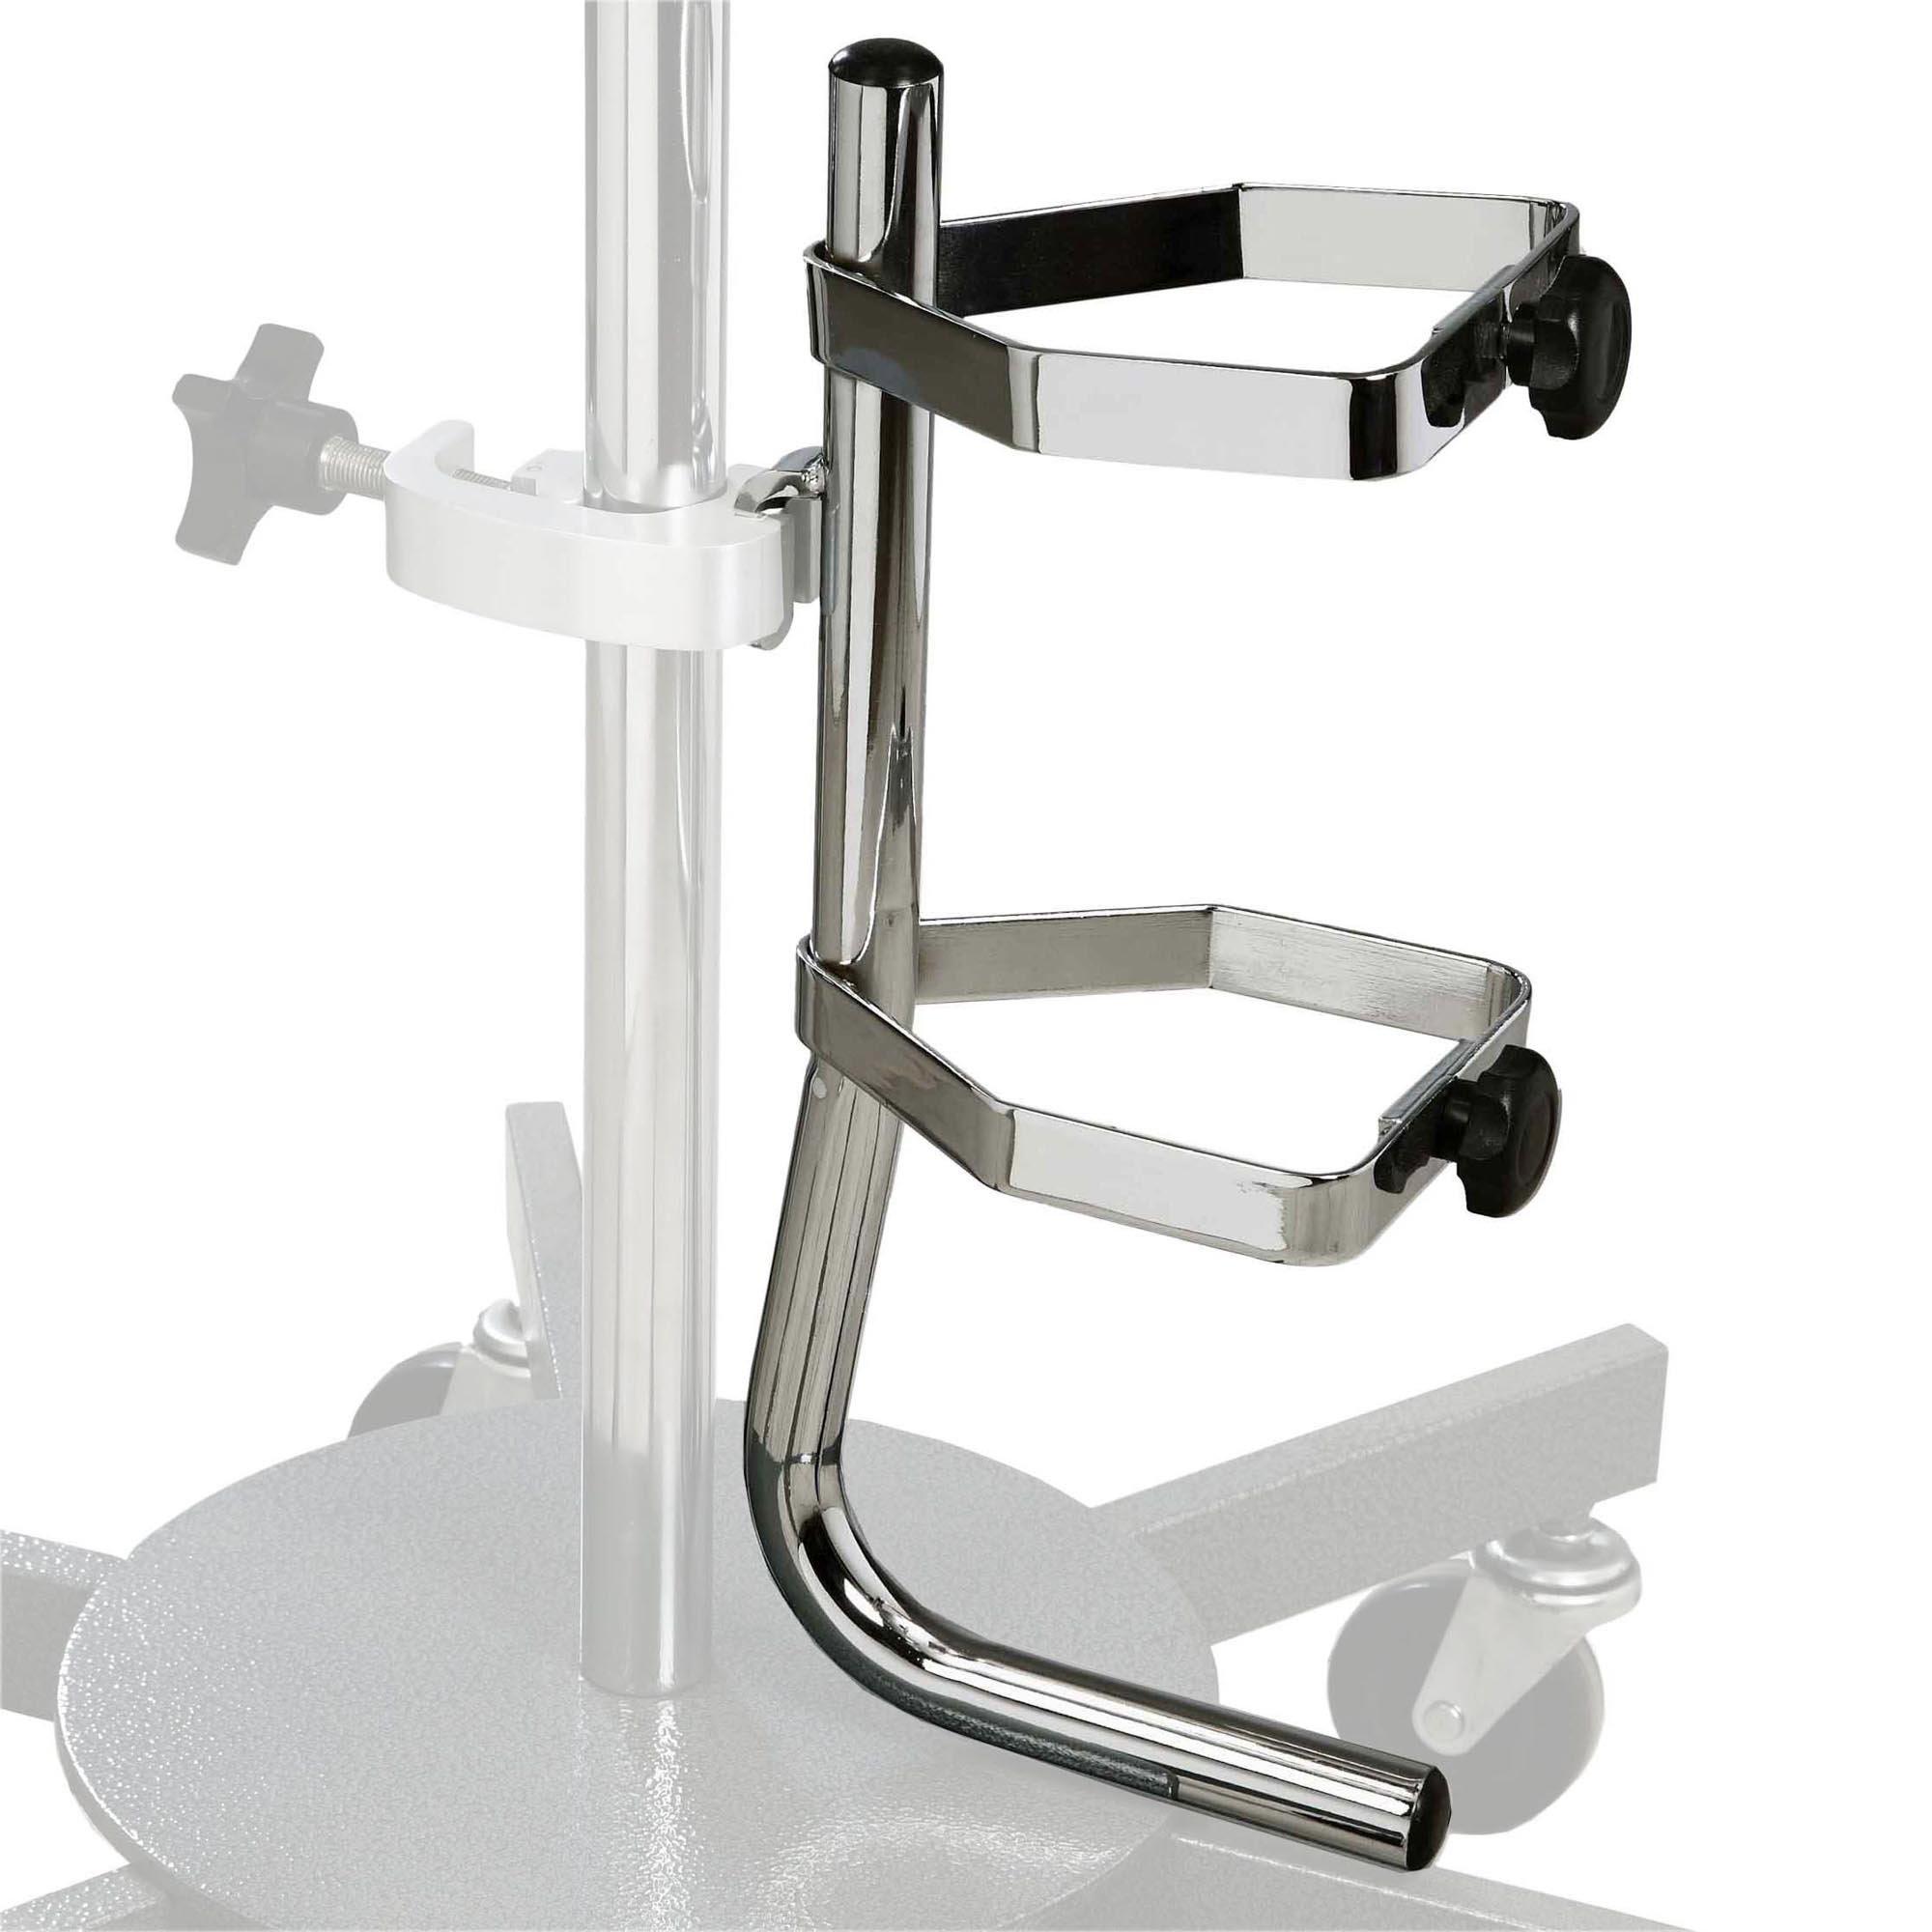 iv 44 oxygen cylinder holder